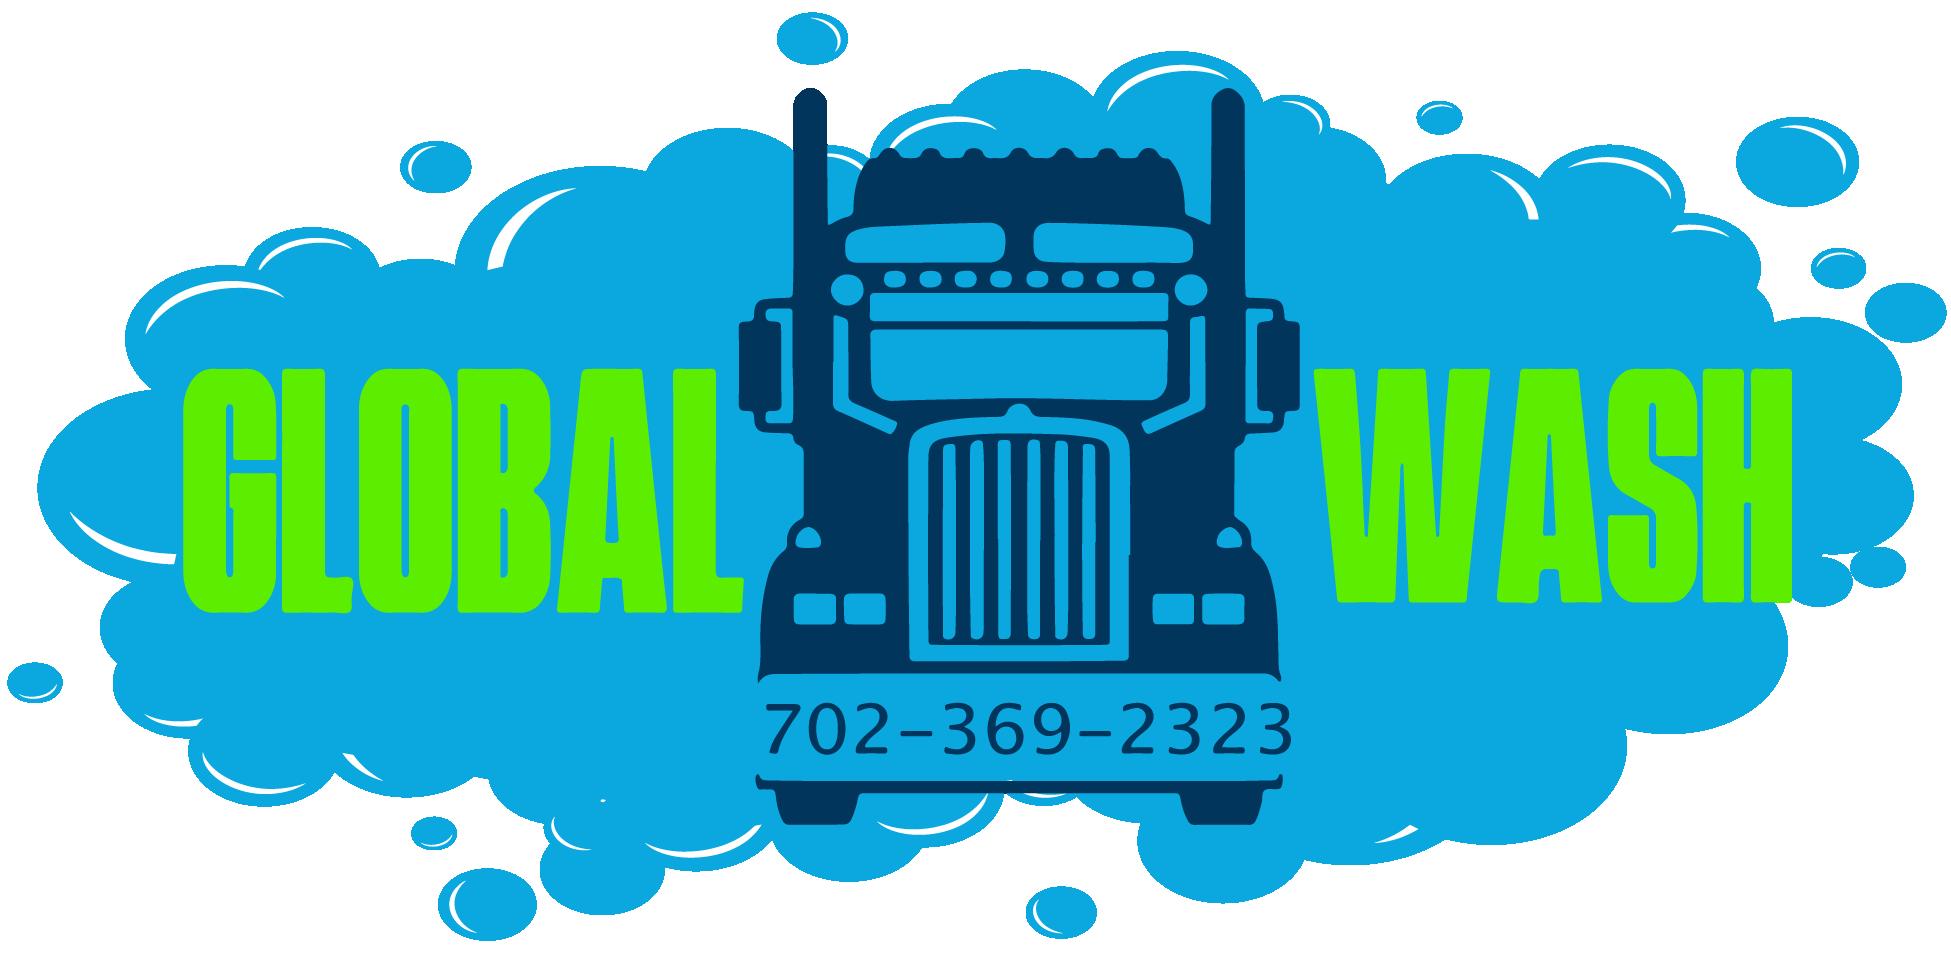 Global Truck Wash